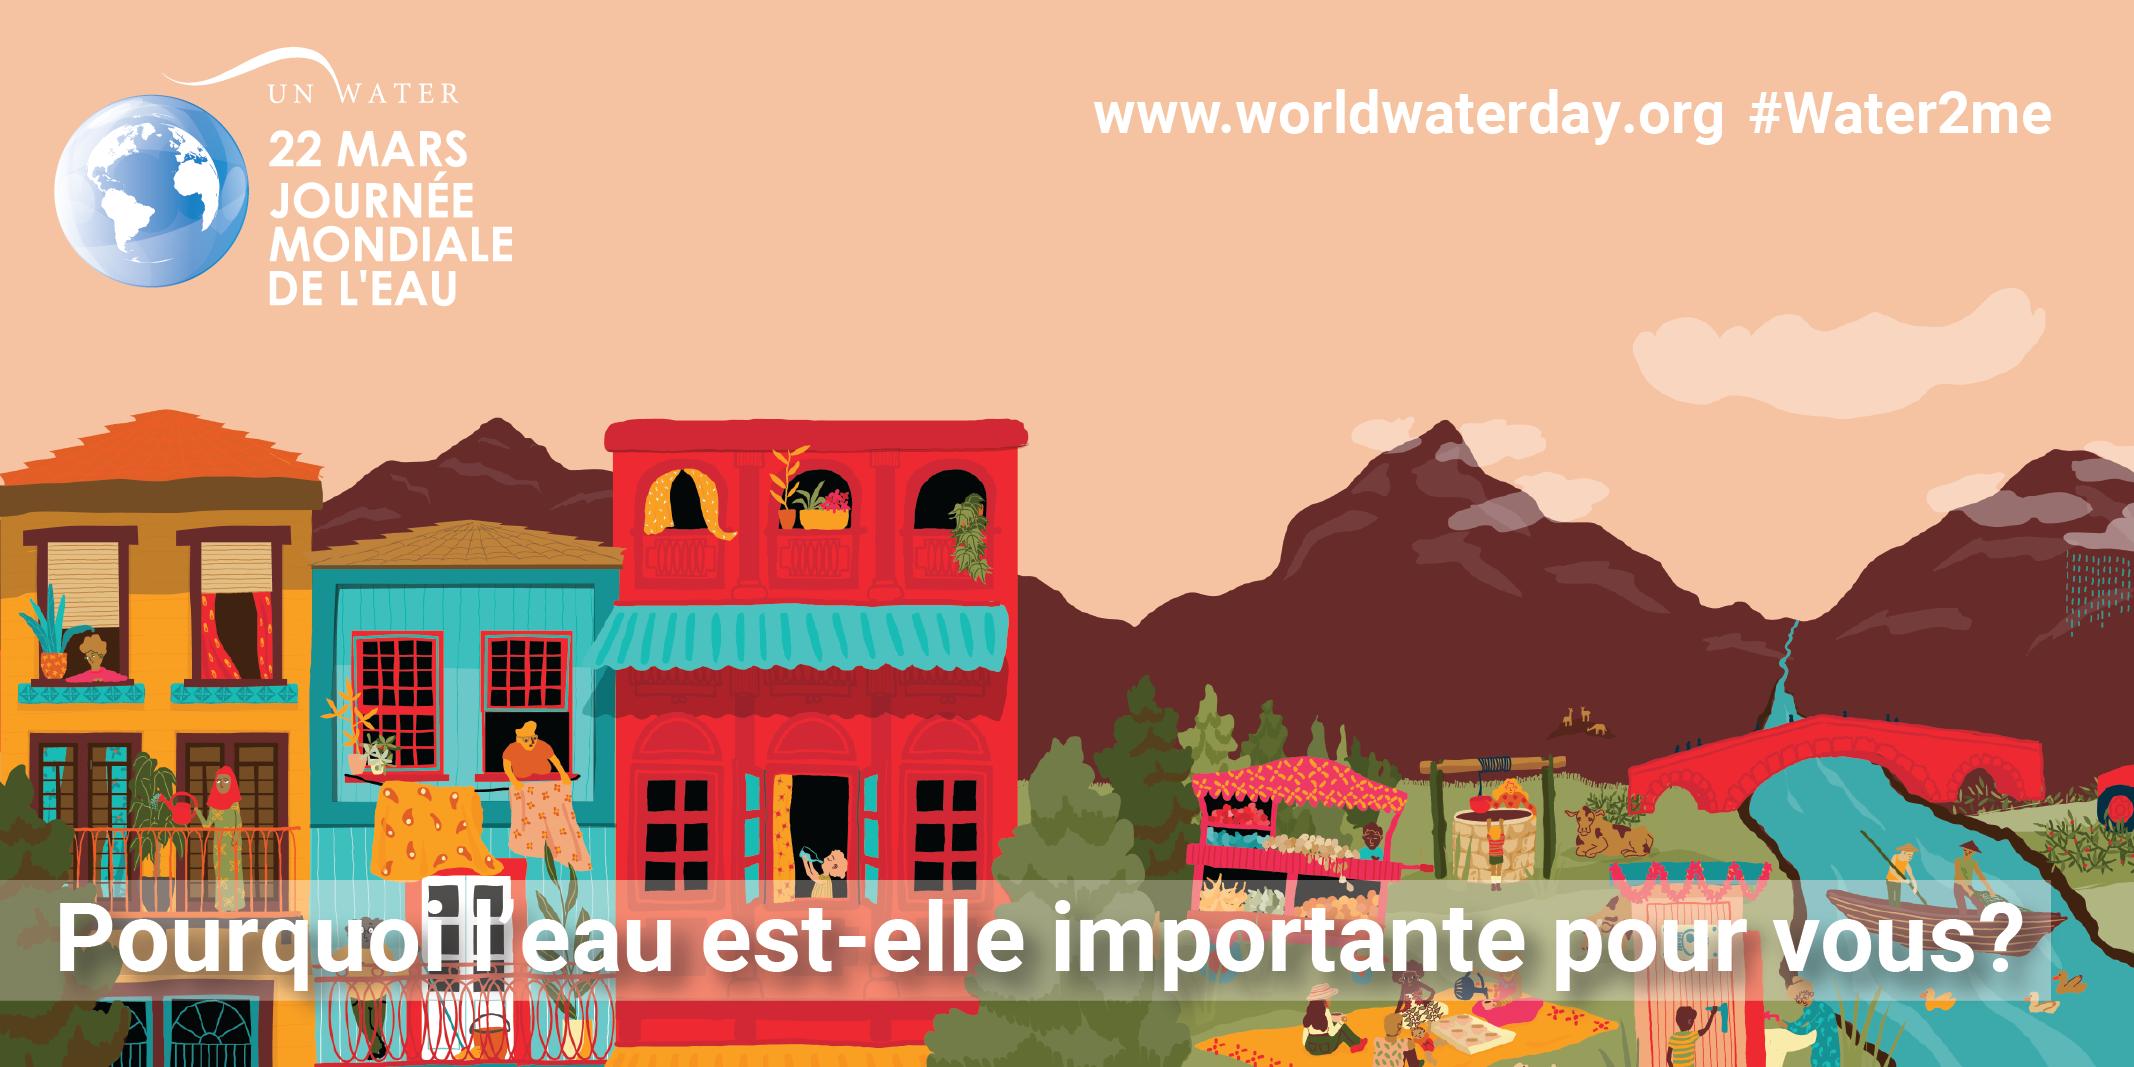 Jounré mondiale de l'eau 22 mars Syndicat chère don Isac